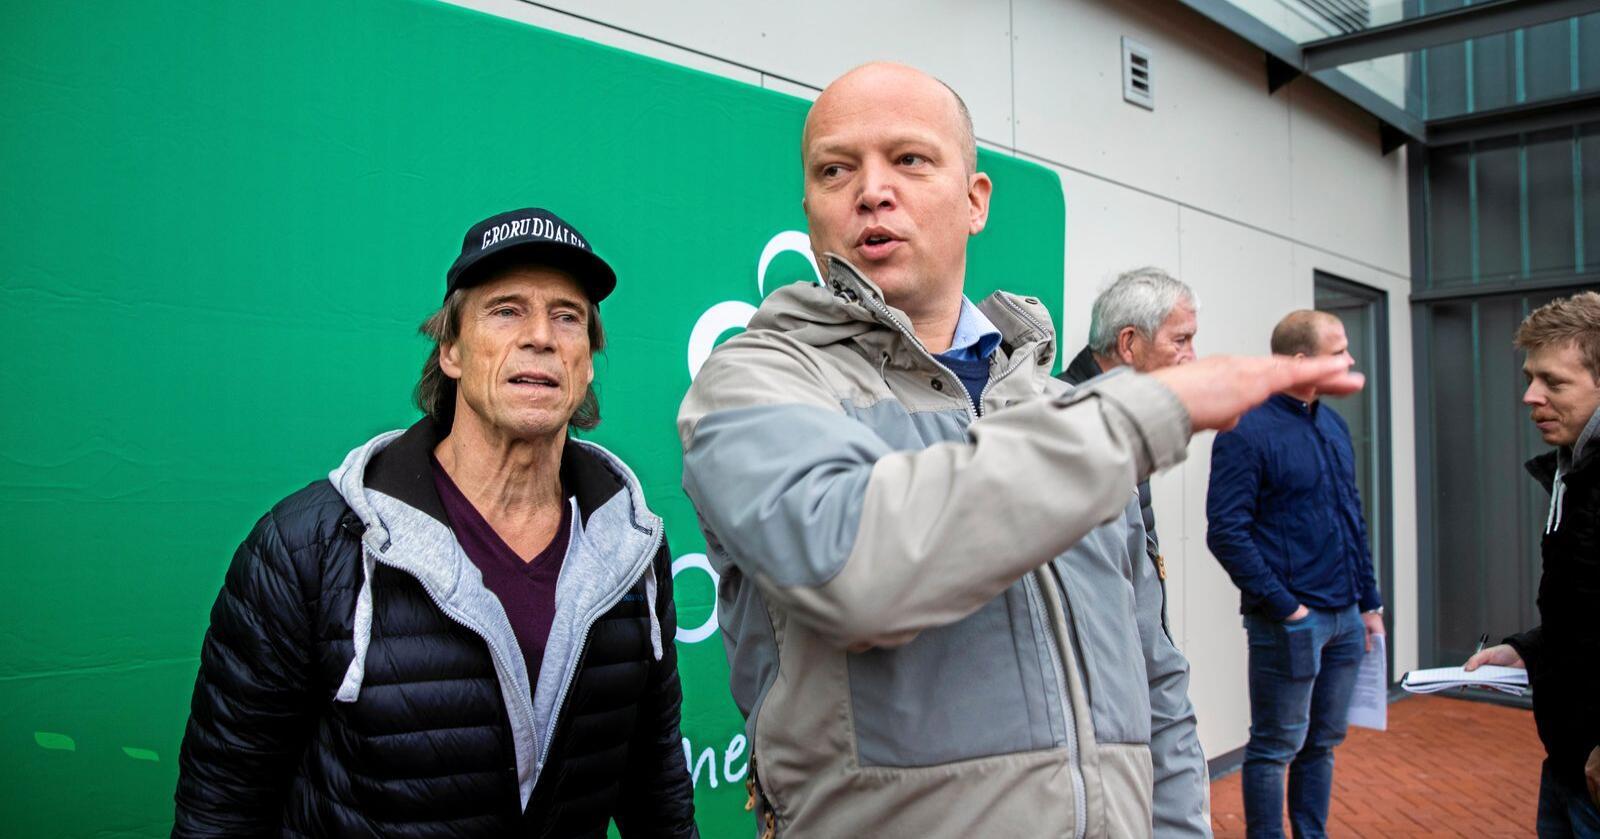 Velkommen: Jan Bøhler, her sammen med Sp-leder Trygve Slagsvold Vedum, er velkommen i et parti som lytter til folk, skriver innsenderen. Foto: Berit Roald / NTB